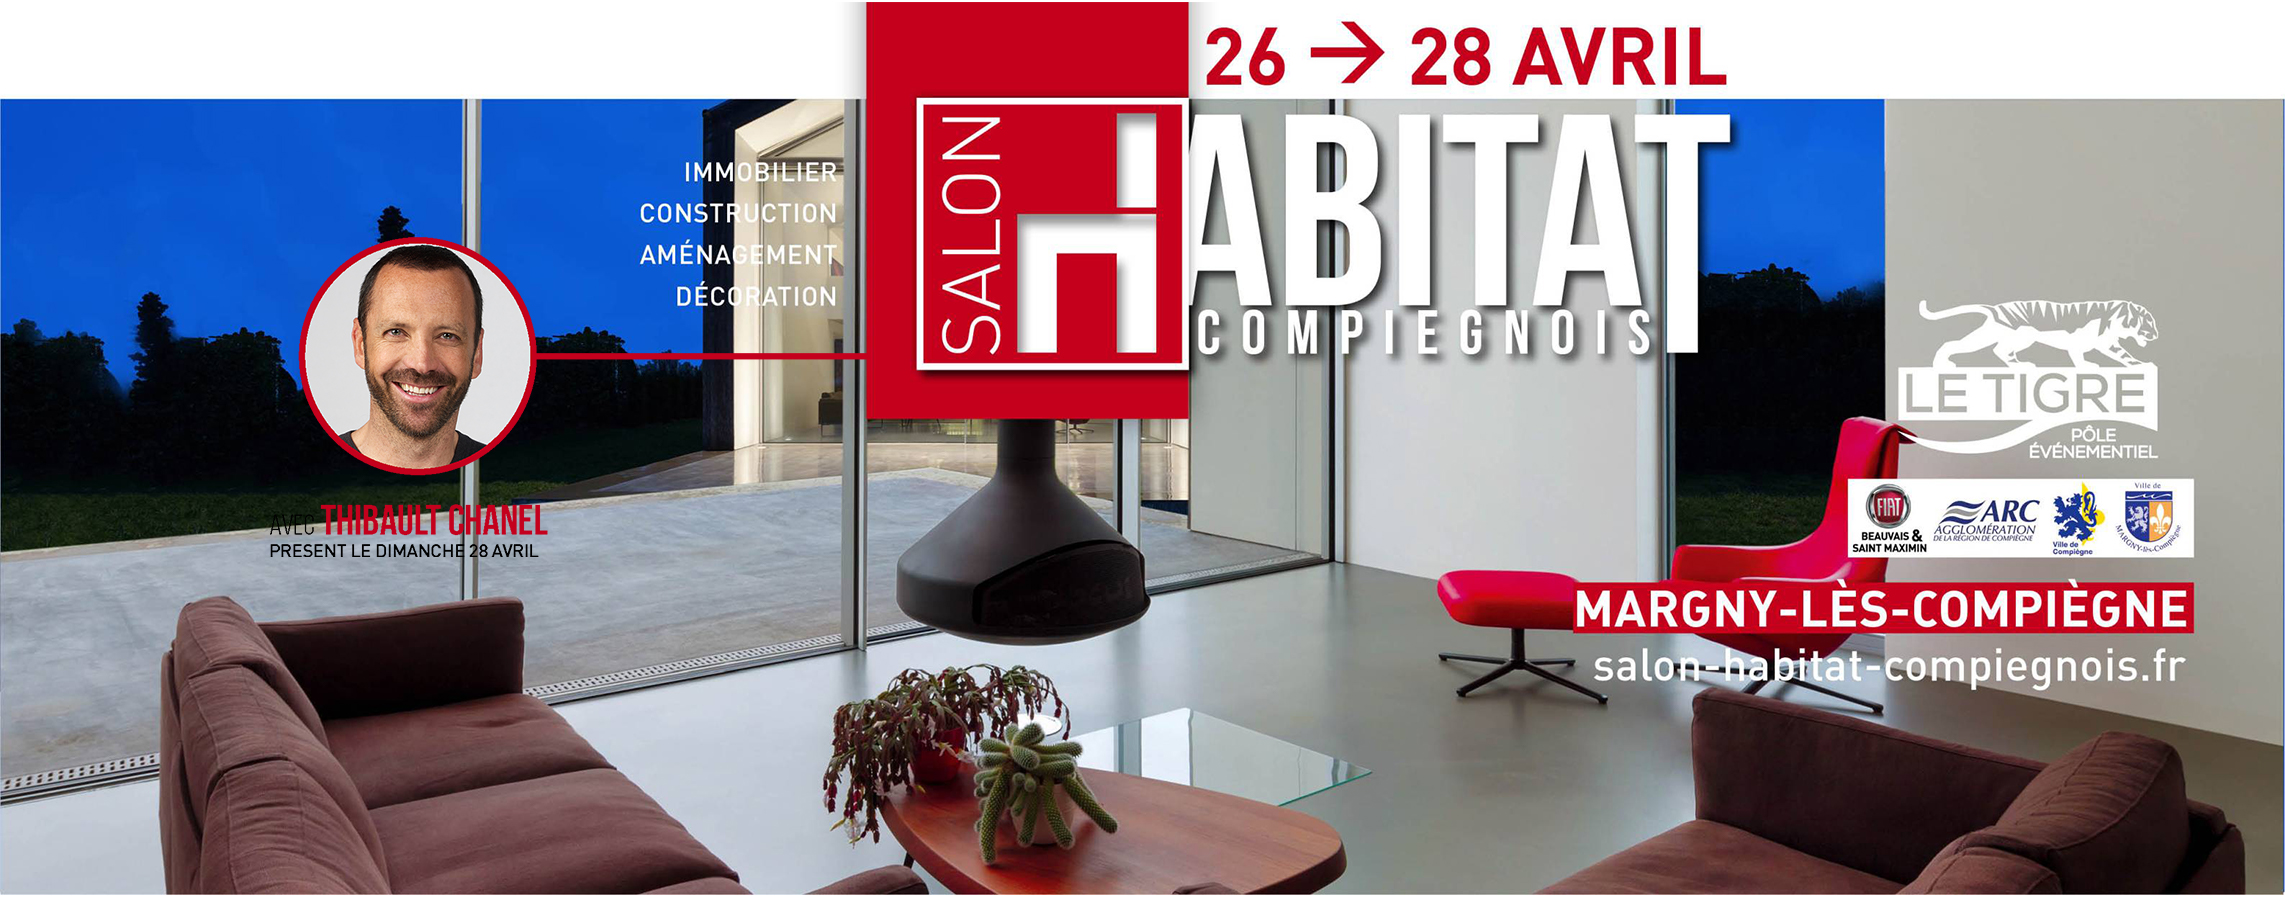 Accueil Salon Habitat Compiegnois Du 26 Au 28 Avril 2019